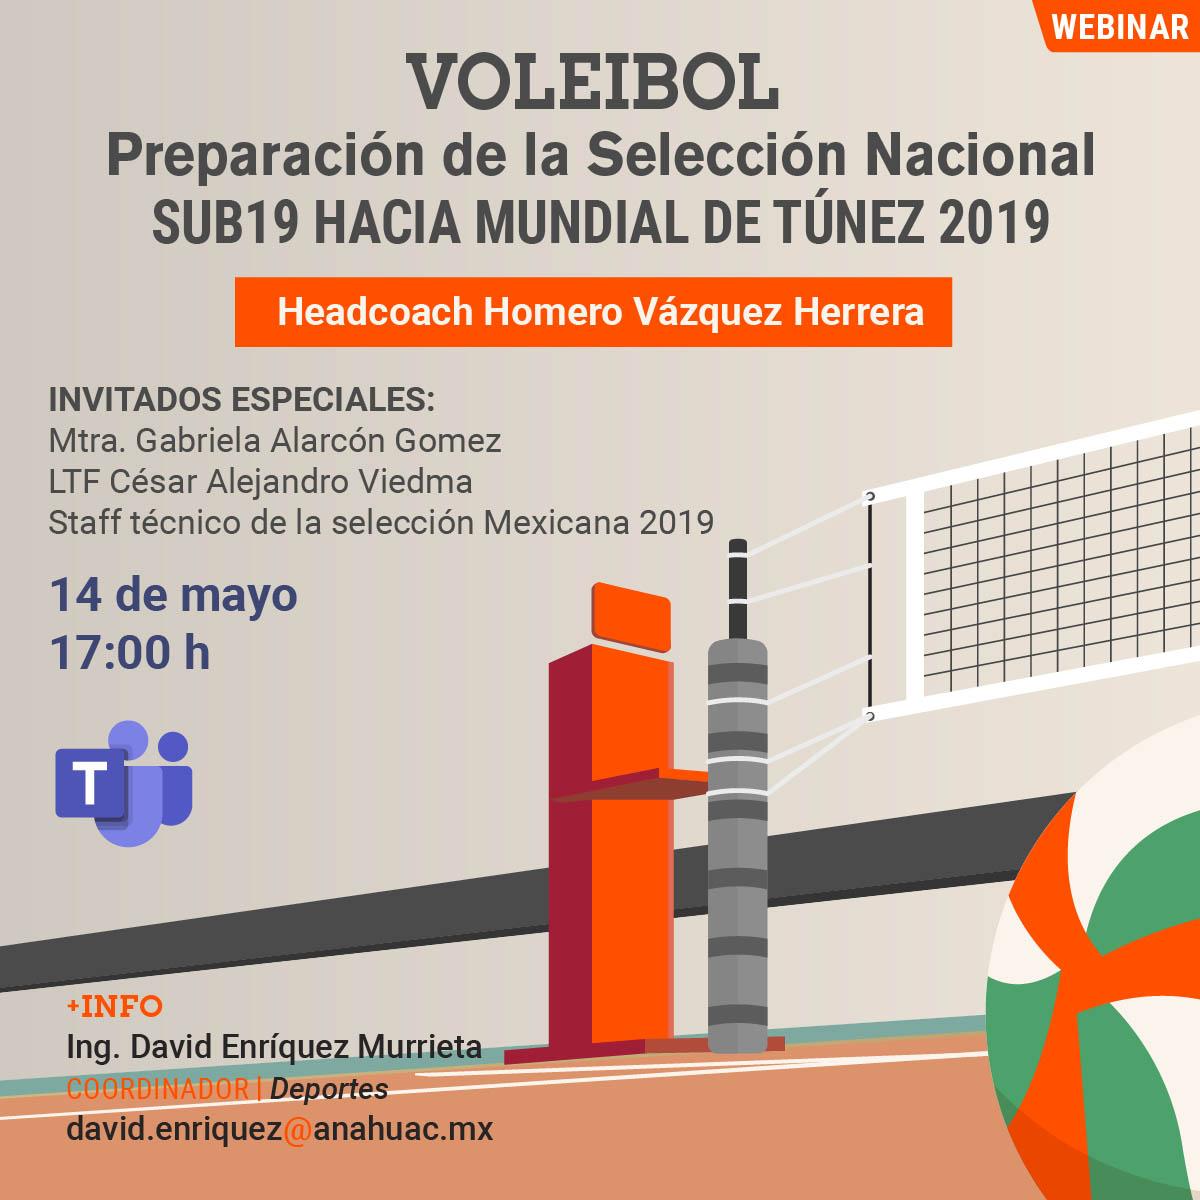 Voleibol: Preparación de la Selección Nacional SUB19 Hacia el Mundial de Túnez 2019